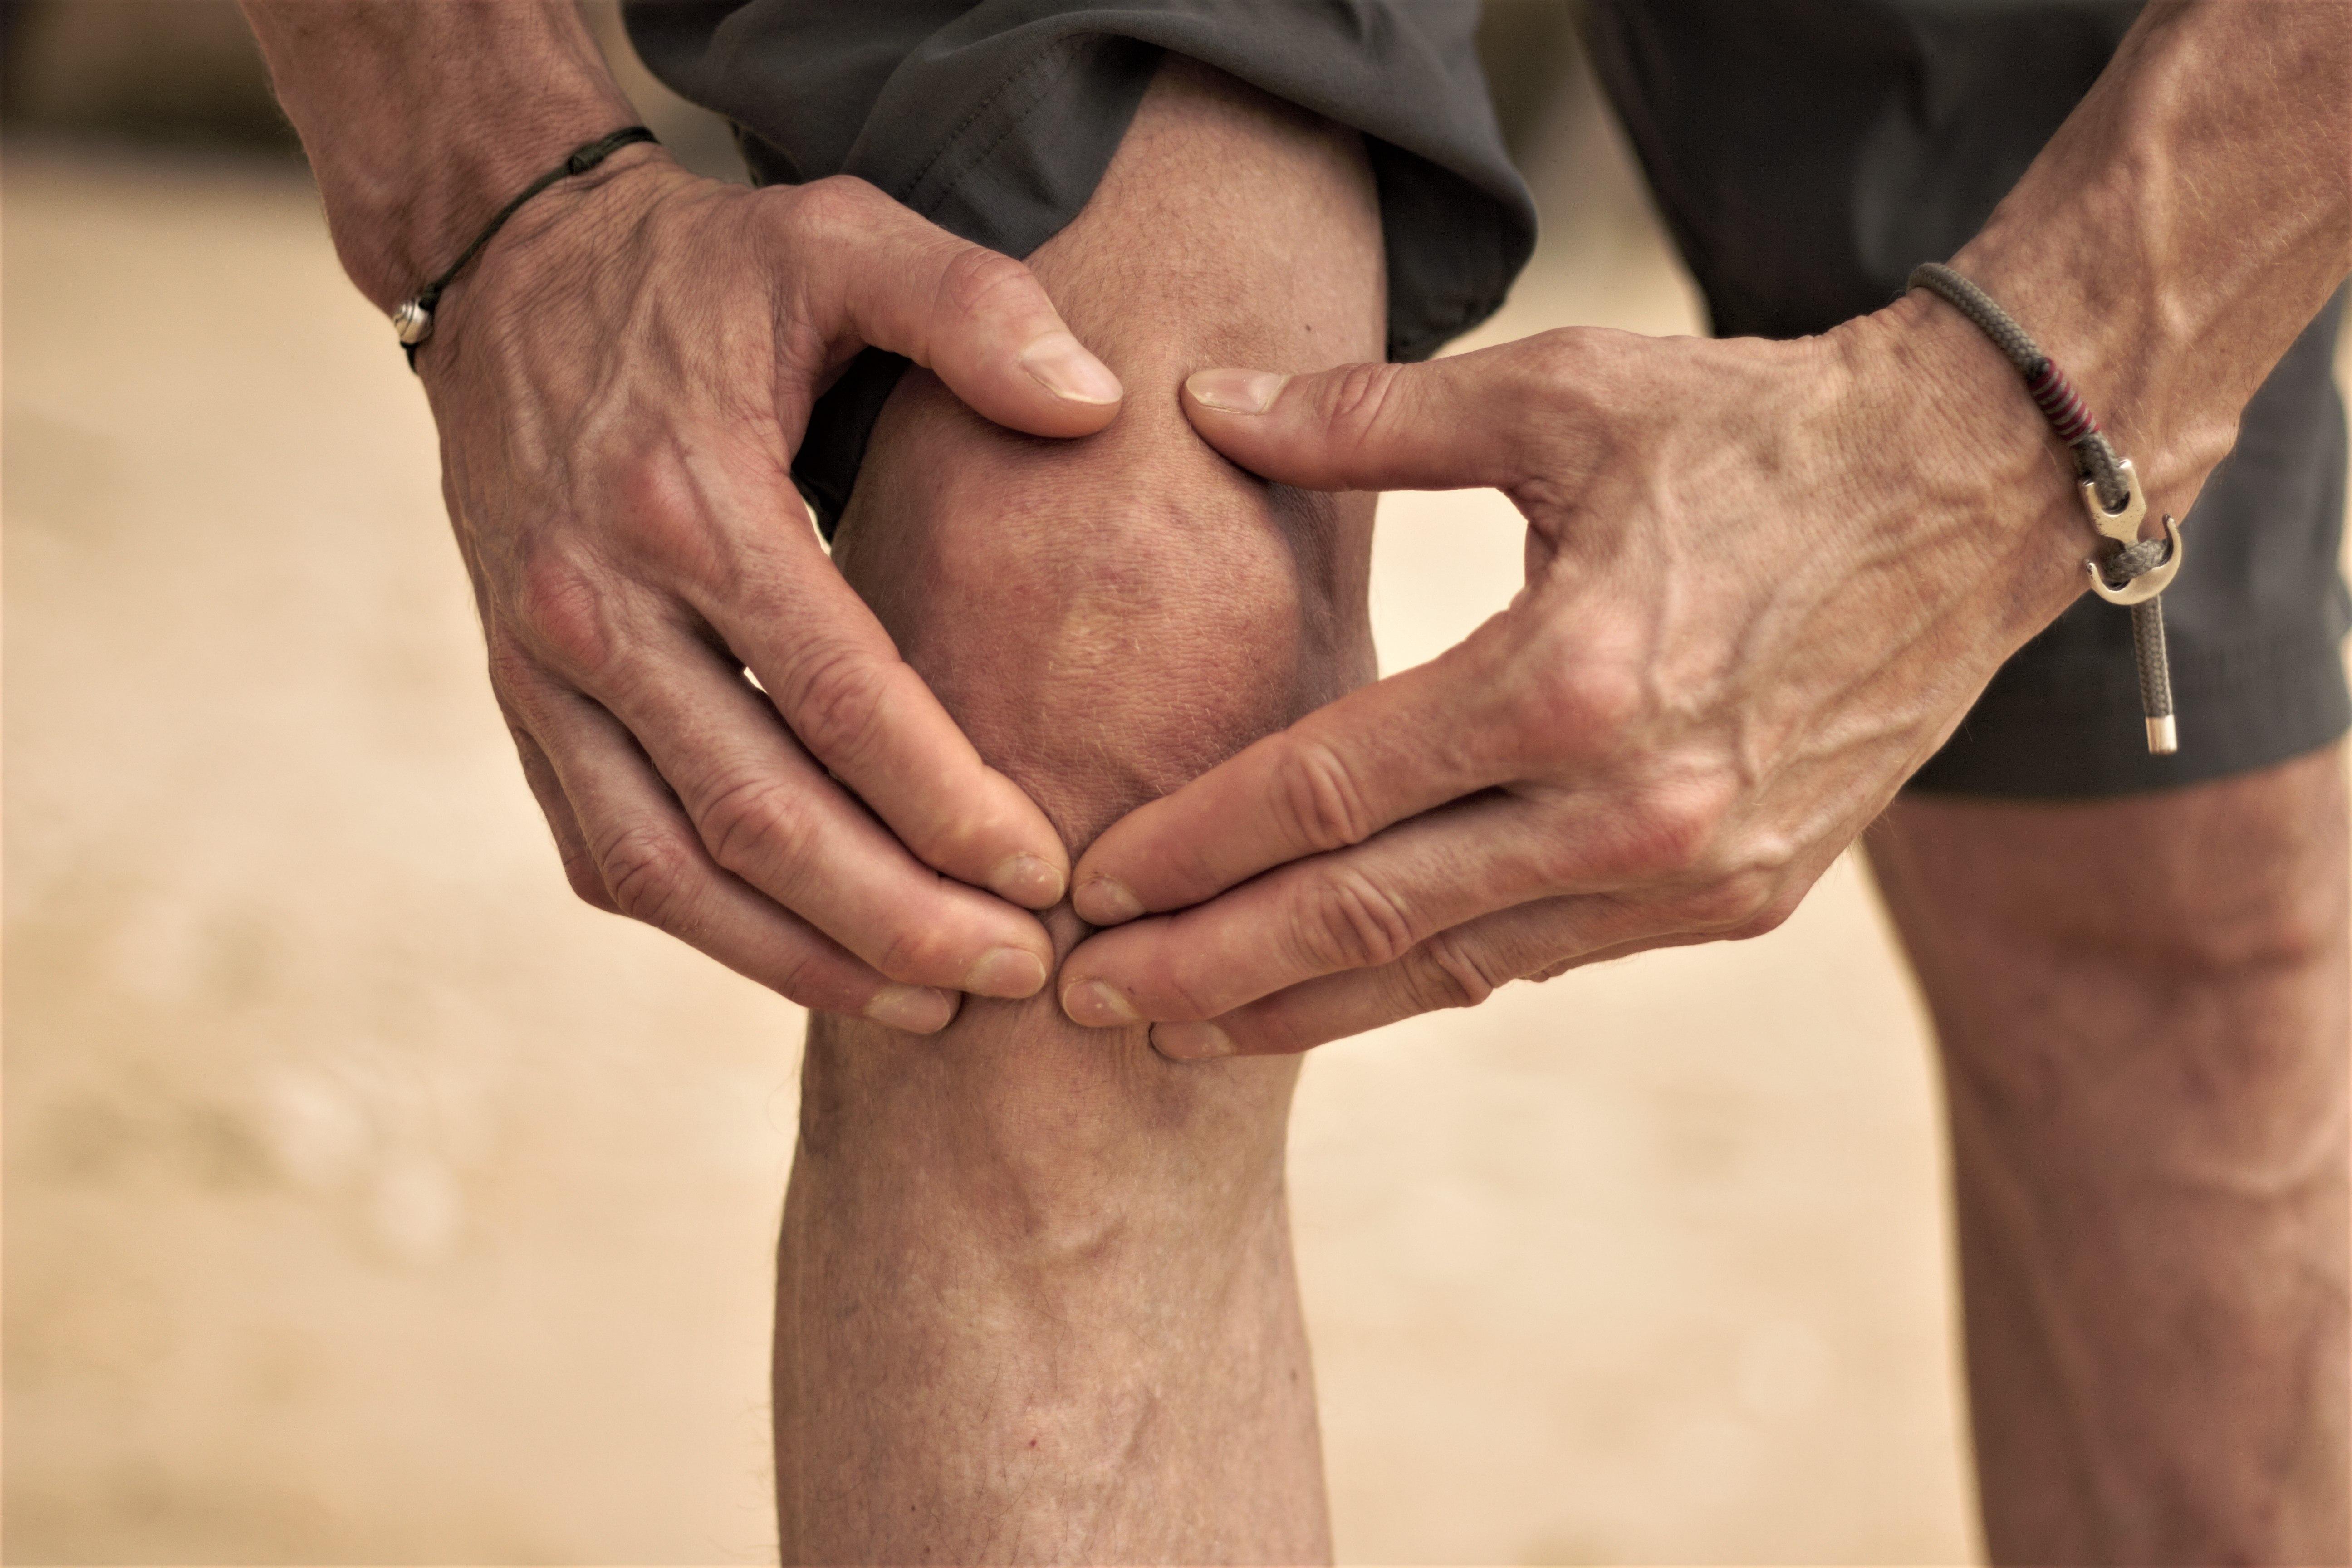 Ultralydsscanning af knæ